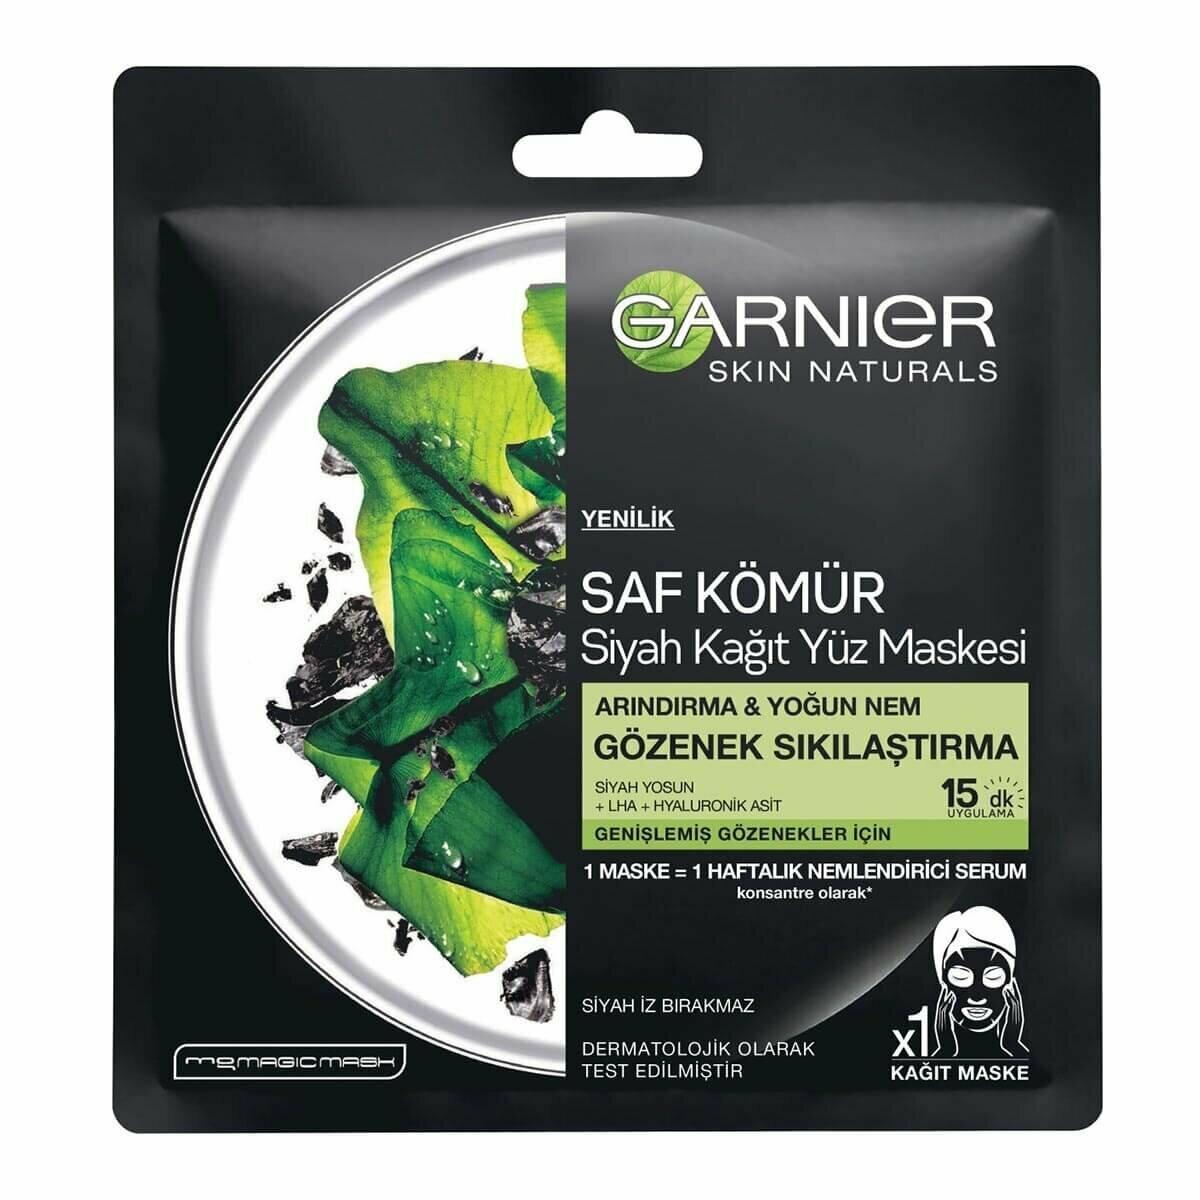 809NW Gözenek Sıkılaştırıcı Saf Kömür Siyah Kağıt Yüz Maske 28GR